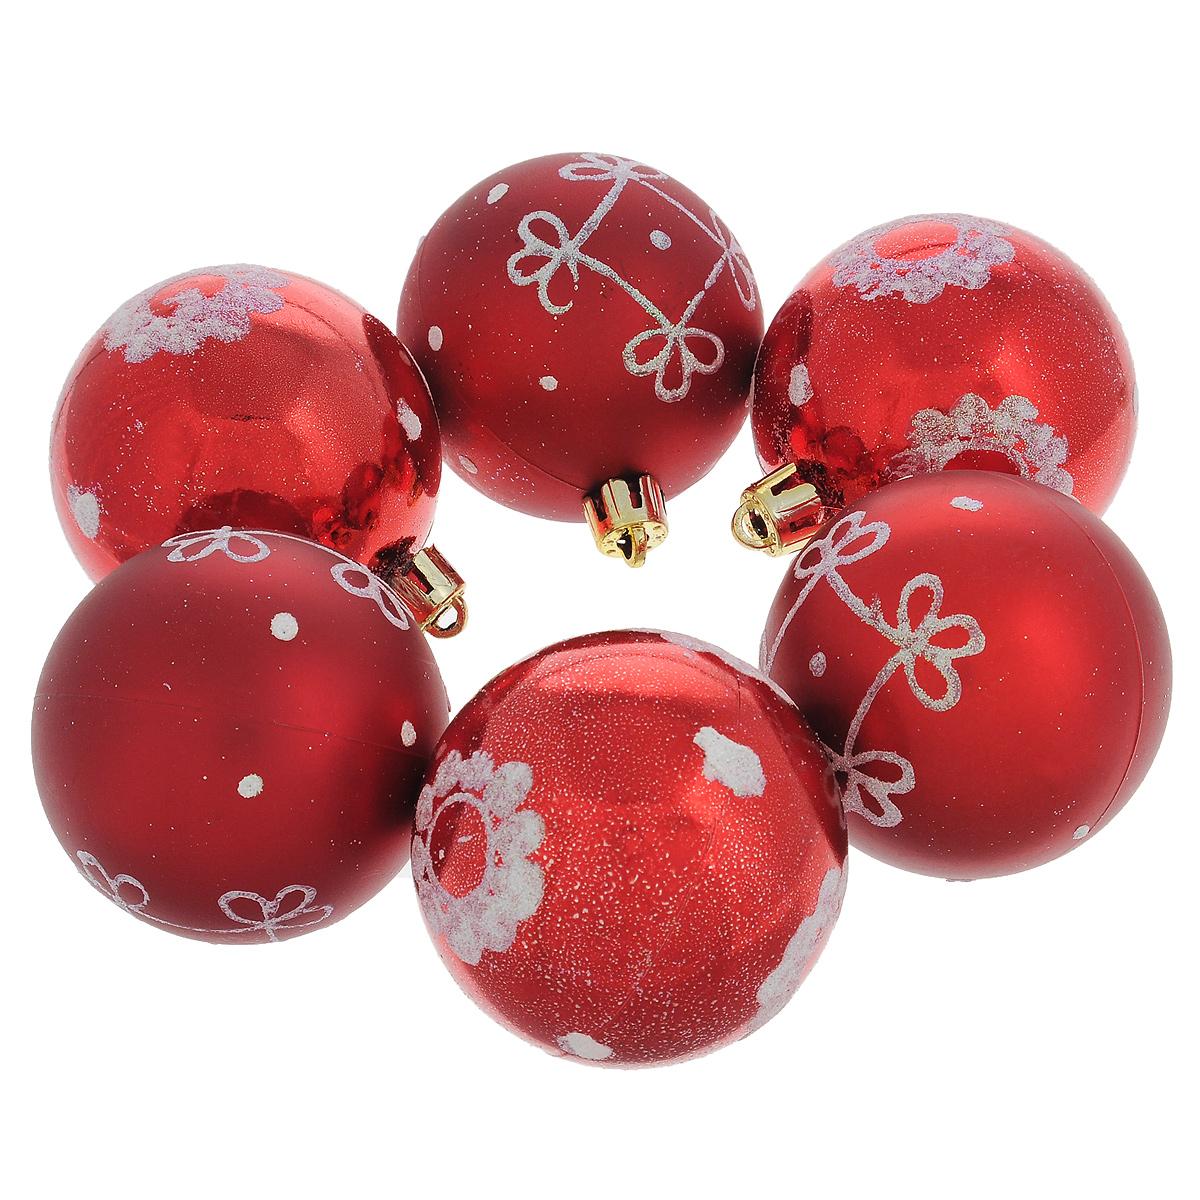 Набор новогодних подвесных украшений Шар, цвет: красный, 6 шт. 3550606008A7401Набор новогодних подвесных украшений Шар прекрасно подойдет для праздничного декора новогодней ели. Состоит из шести шаров.Елочная игрушка - символ Нового года. Она несет в себе волшебство и красоту праздника. Создайте в своем доме атмосферу веселья и радости, украшая новогоднюю елку нарядными игрушками, которые будут из года в год накапливать теплоту воспоминаний. Коллекция декоративных украшений принесет в ваш дом ни с чем несравнимое ощущение волшебства! Откройте для себя удивительный мир сказок и грез. Почувствуйте волшебные минуты ожидания праздника, создайте новогоднее настроение вашим дорогим и близким.